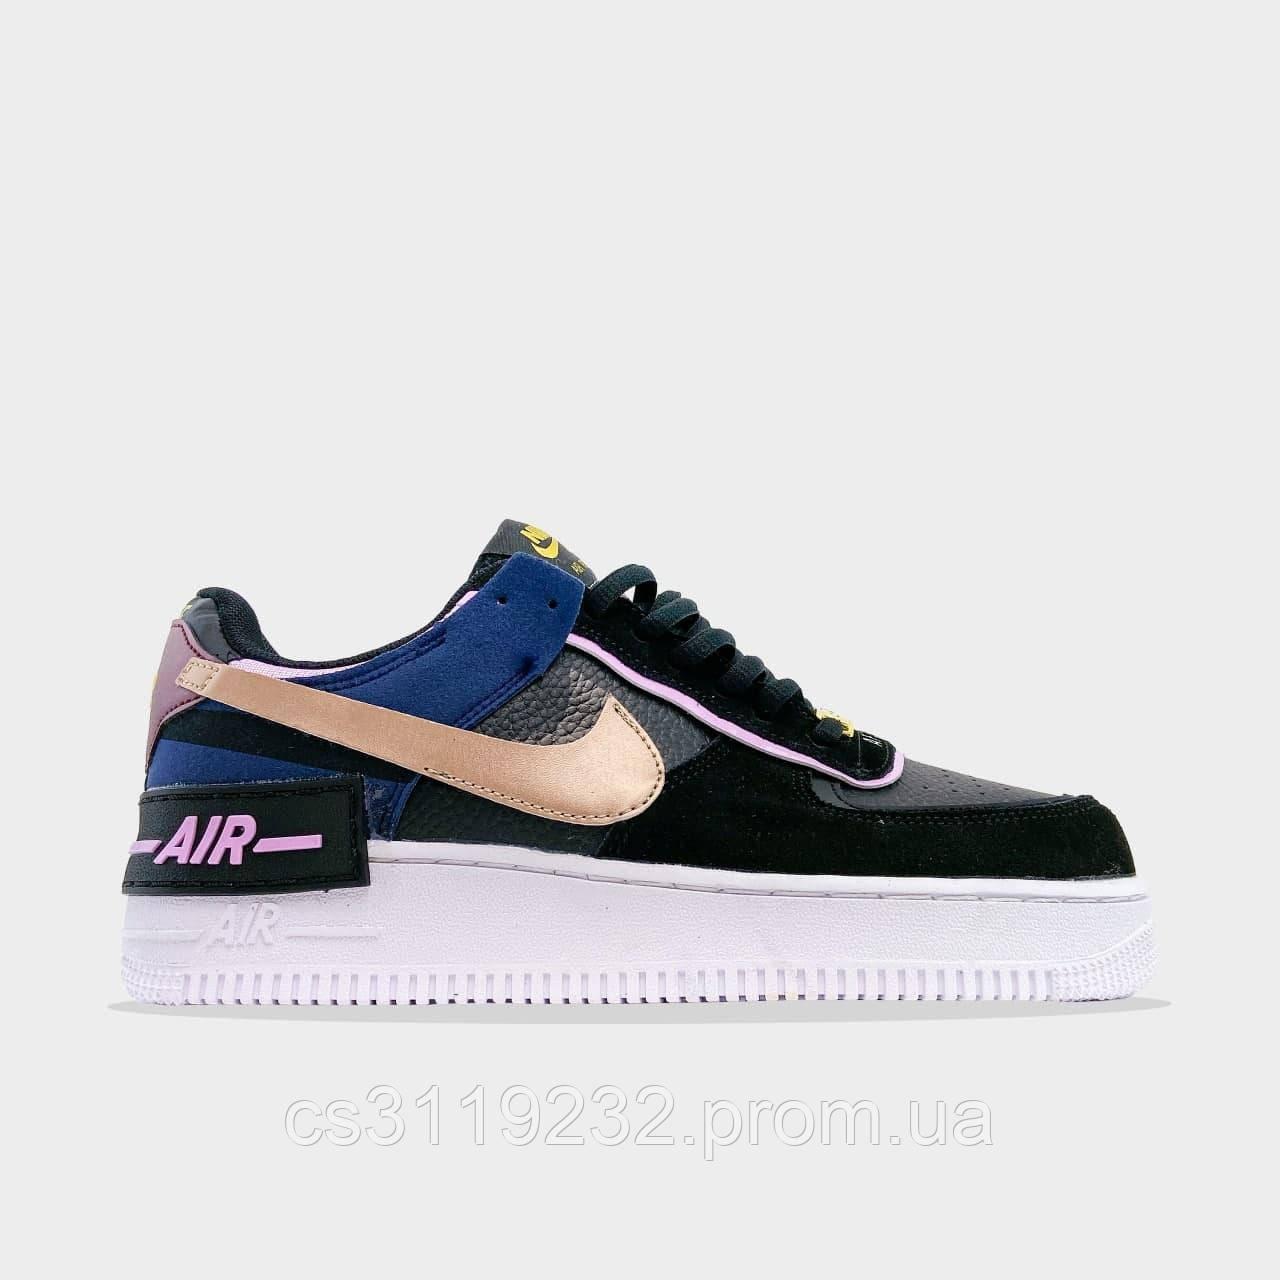 Жіночі кросівки Nike Air Force 1 Shadow Blue Violet White (білий/бузковий/блакитний)